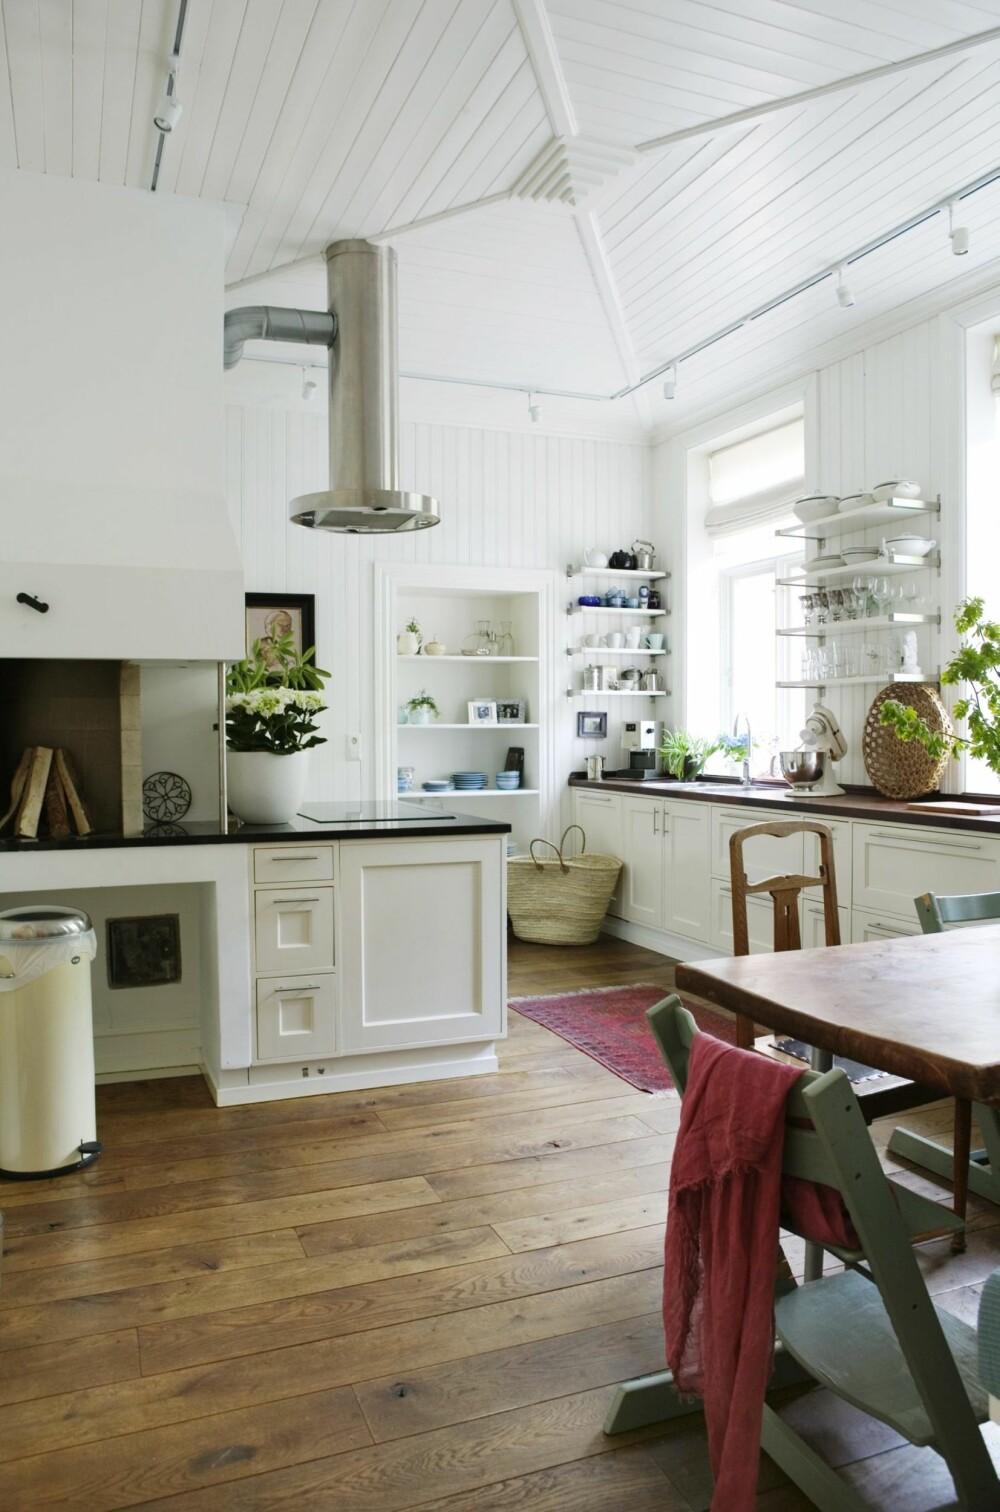 DROPP OVERSKAP: Et åpent og luftig kjøkken er typisk for den landlige, rustikke stilen.